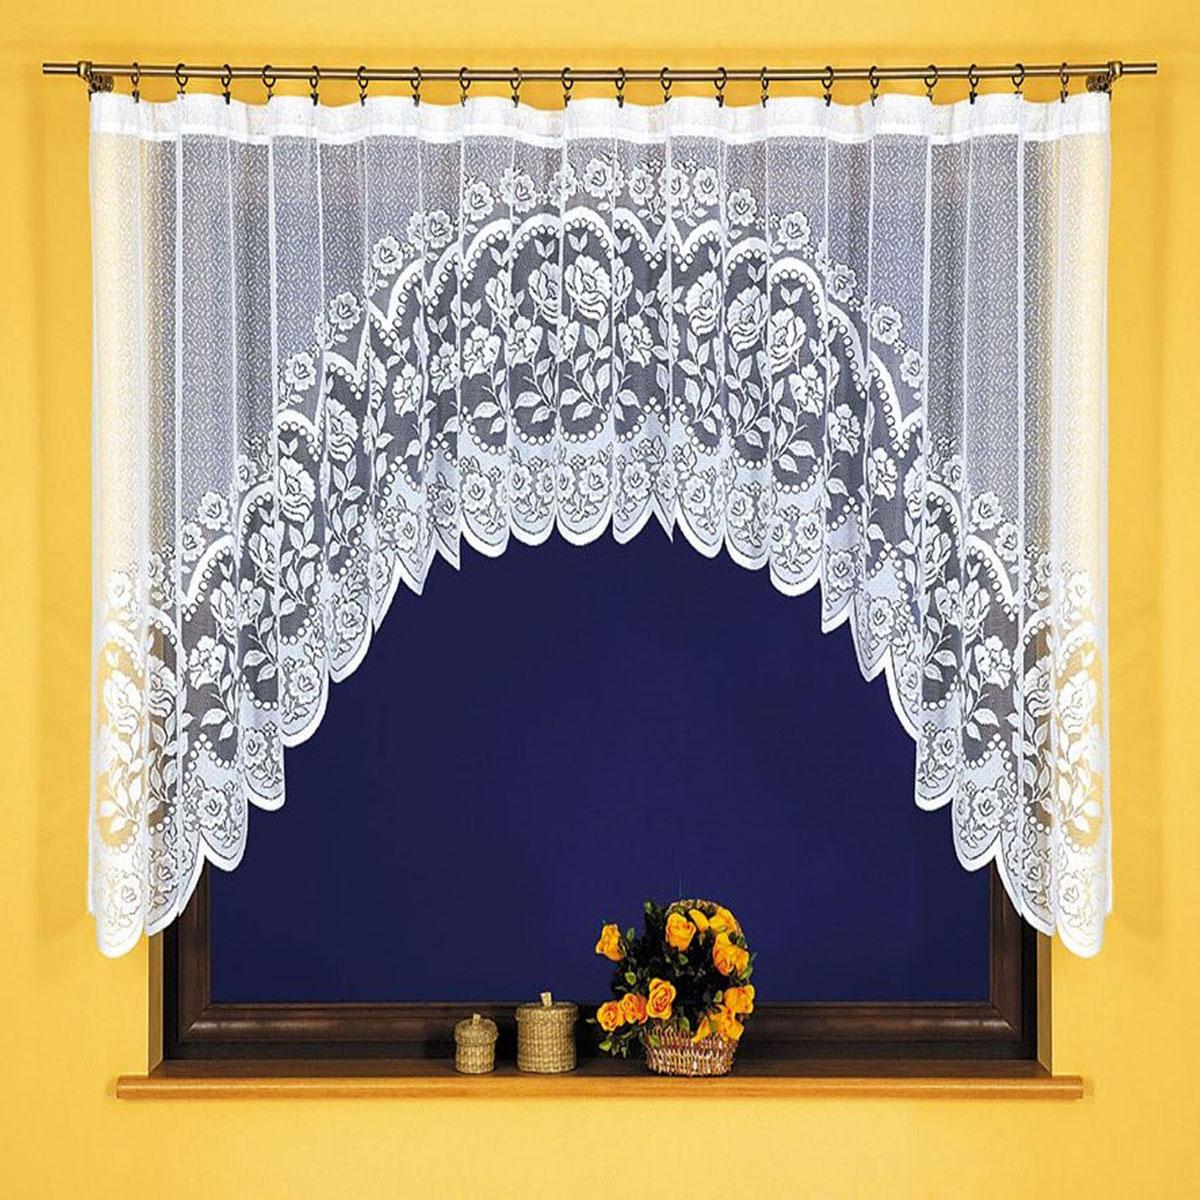 Штора для кухни Wisan, цвет: белый, высота 120 см. 22812281Штора-арка Wisan, выполненная из легкого полупрозрачного полиэстера белогоцвета, станет великолепным украшением кухонного окна. Изделие имеетассиметричную длину и красивый цветочный рисунок по всей поверхностиполотна.Качественный материал и оригинальный дизайн привлекут к себе внимание ипозволят шторе органично вписаться в интерьер помещения.